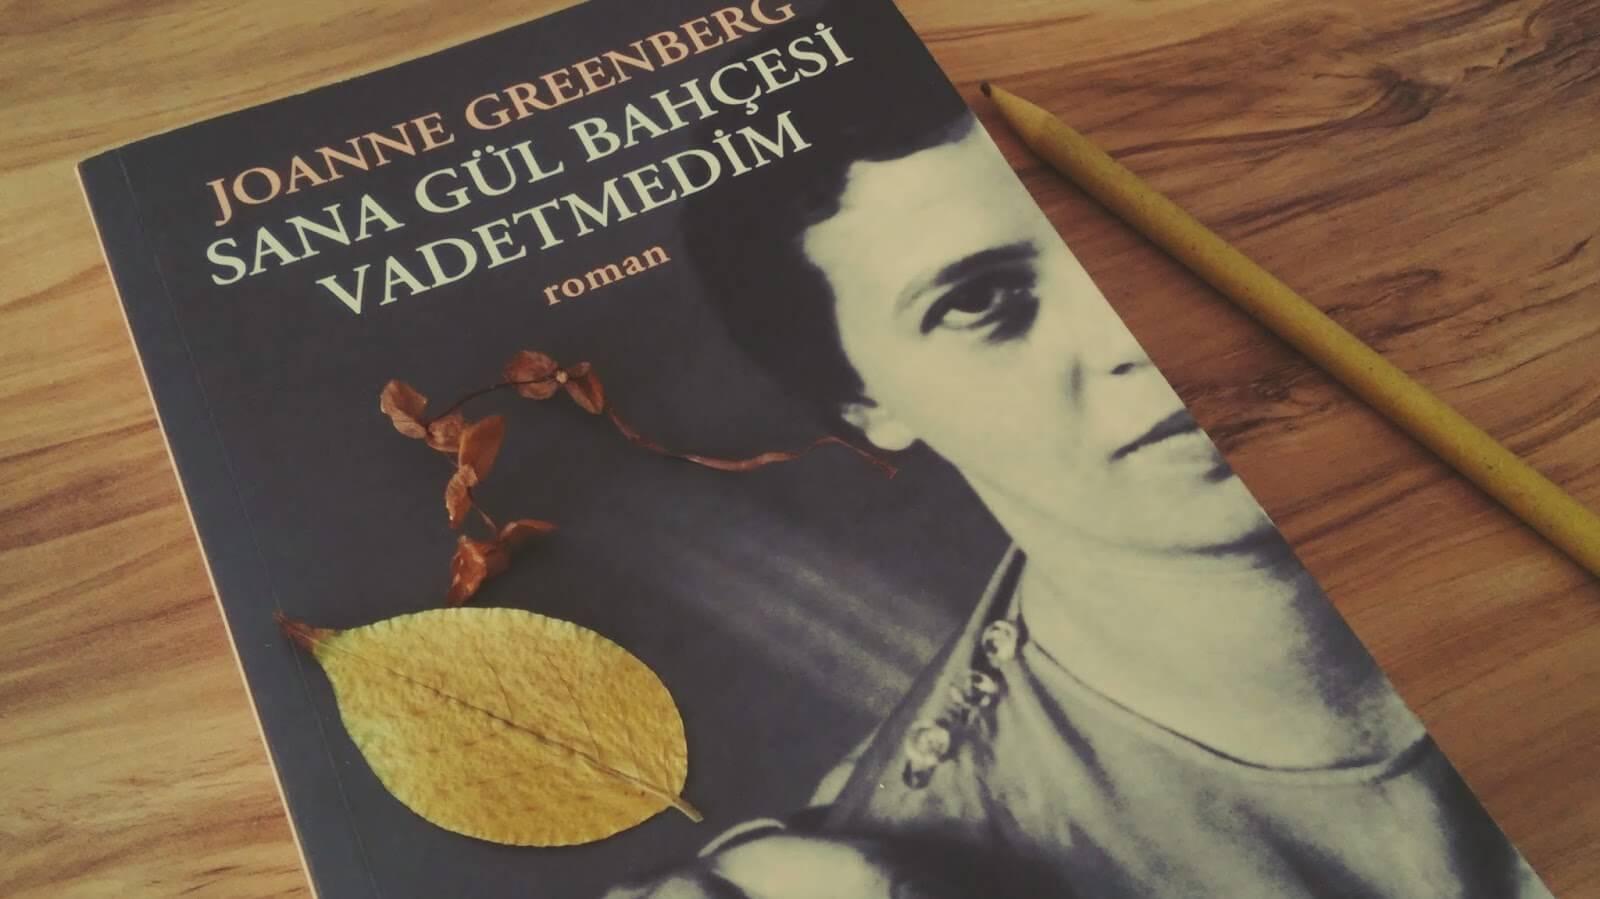 libro donde se explica la historia de Joanne Greenberg